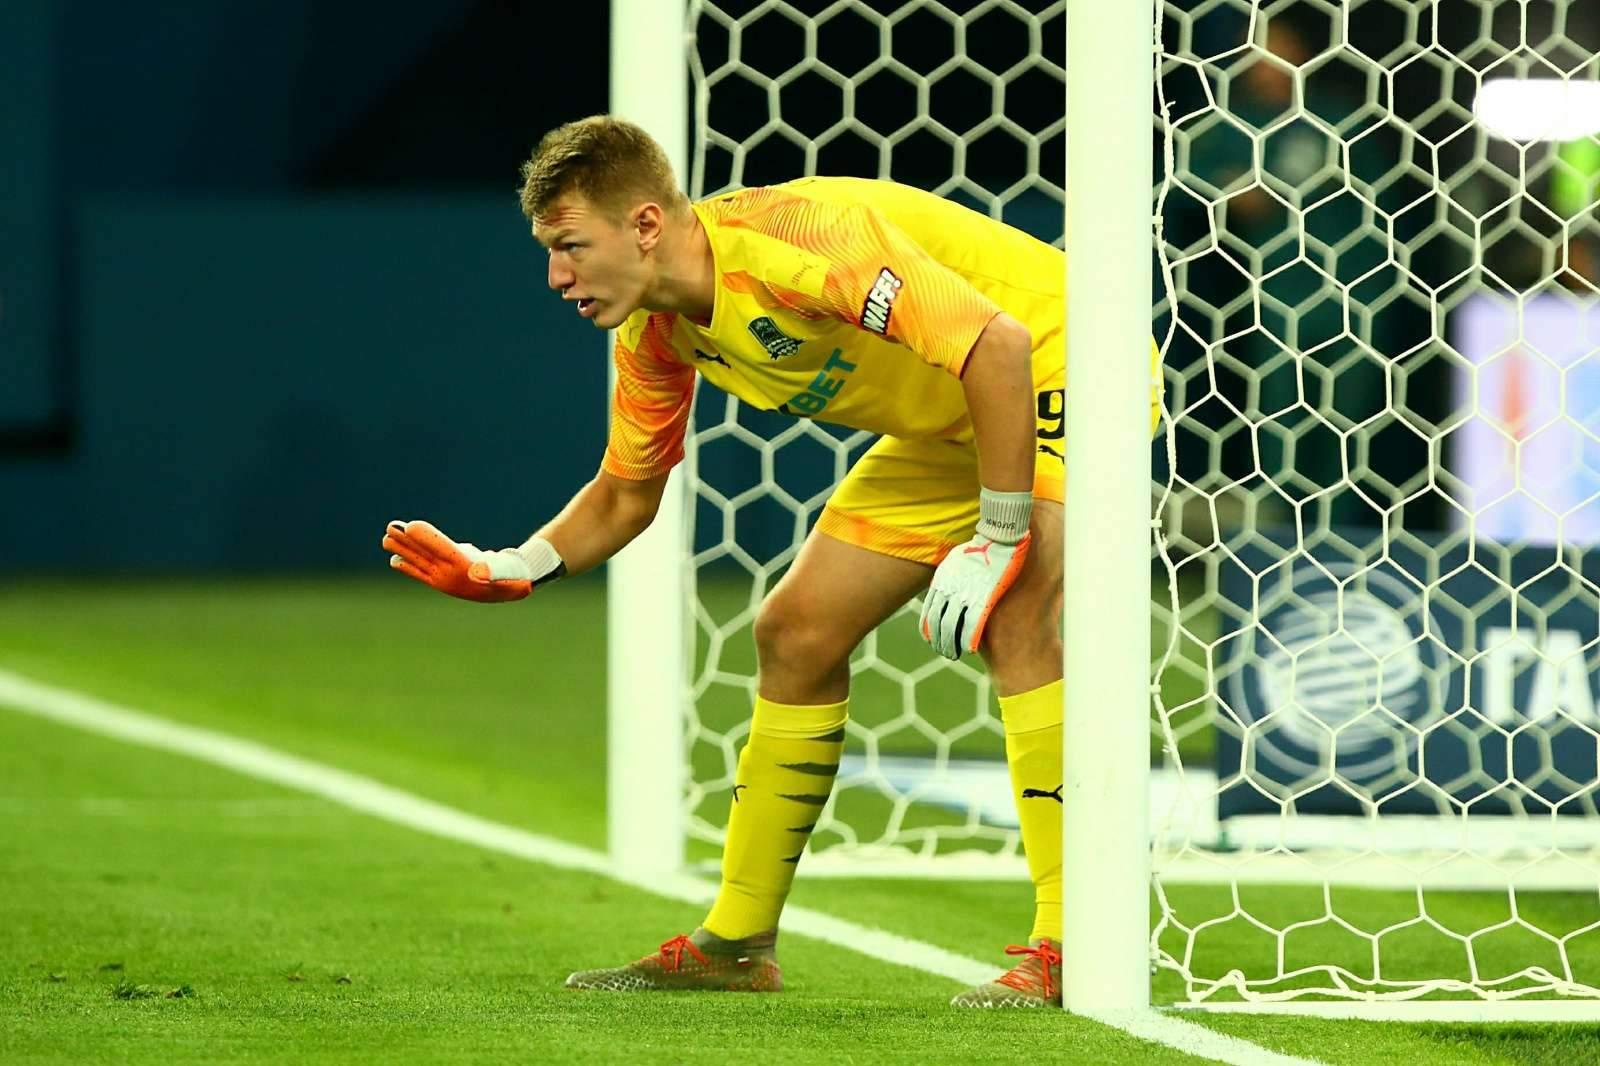 Четыре игрока «Краснодара», которые добыли России первую победу в еврокубках этого сезона